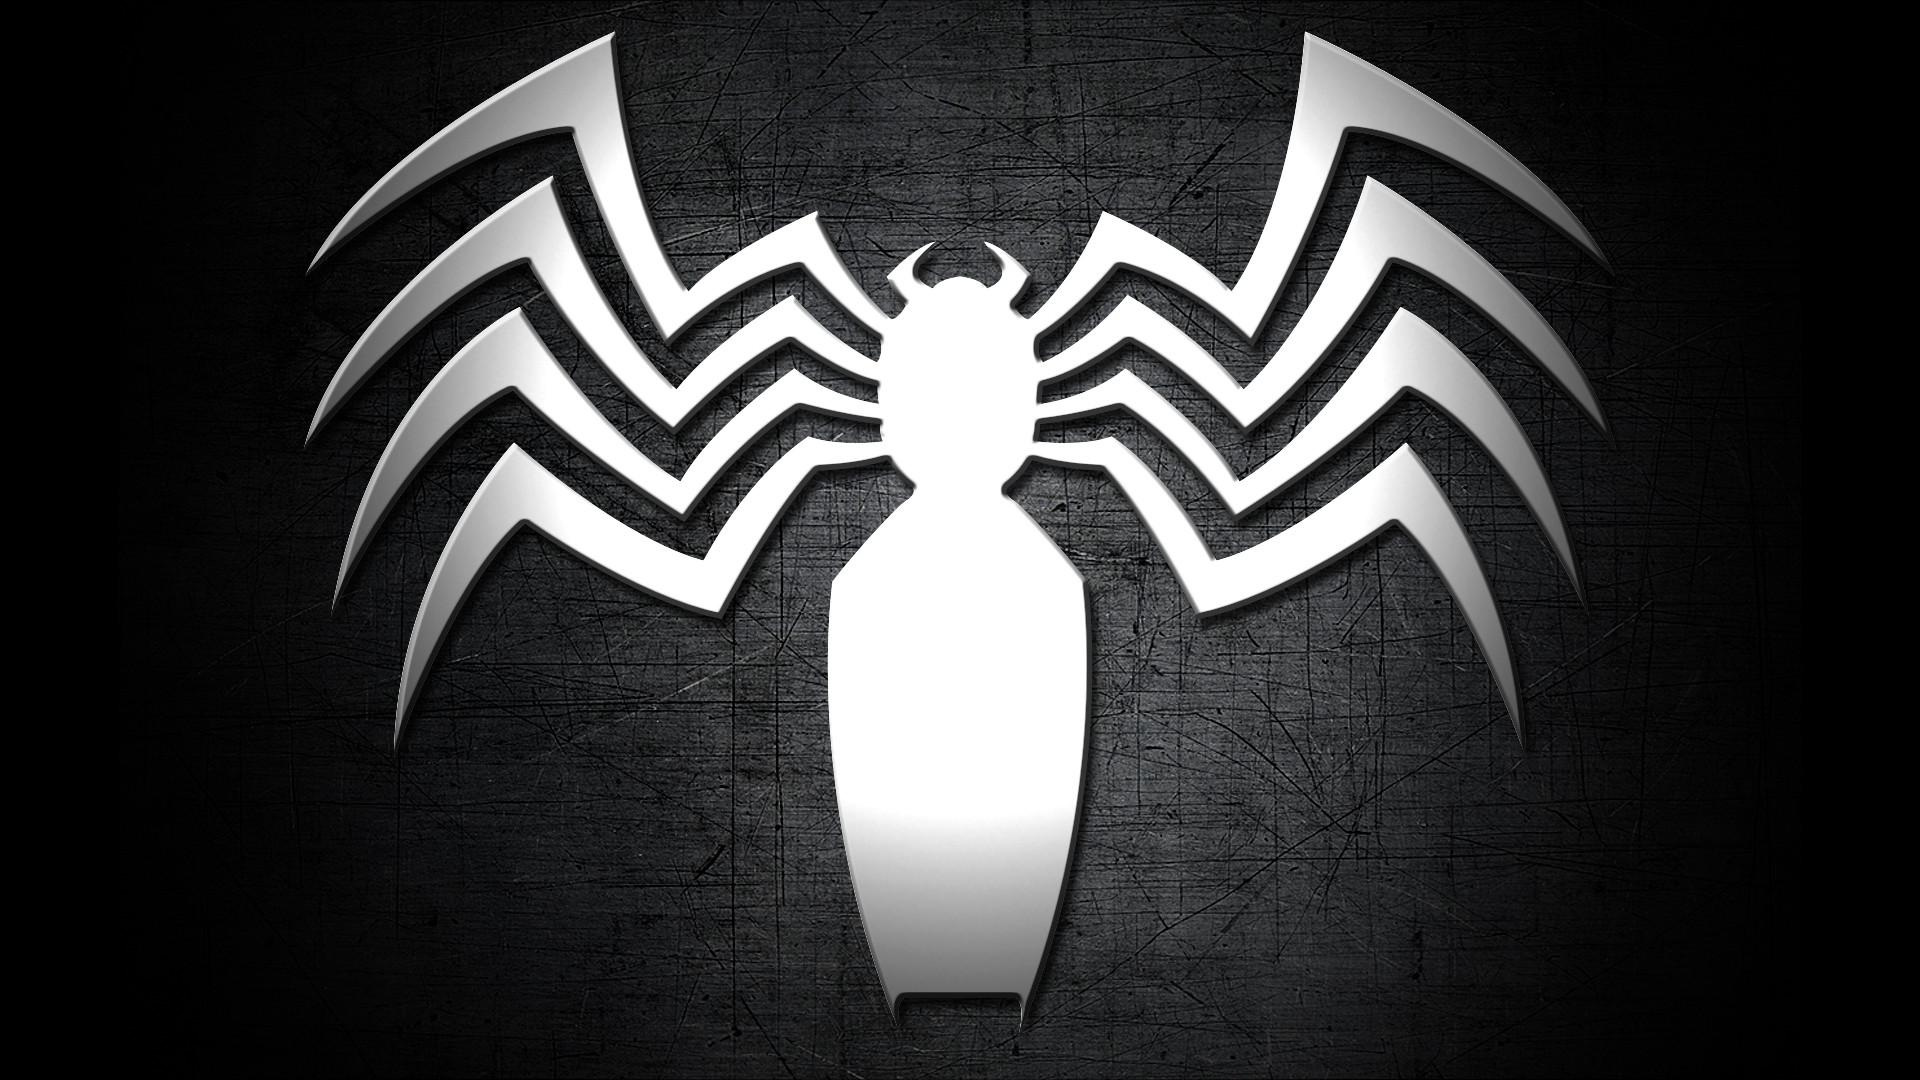 Venom Computer Wallpapers, Desktop Backgrounds     ID:419934